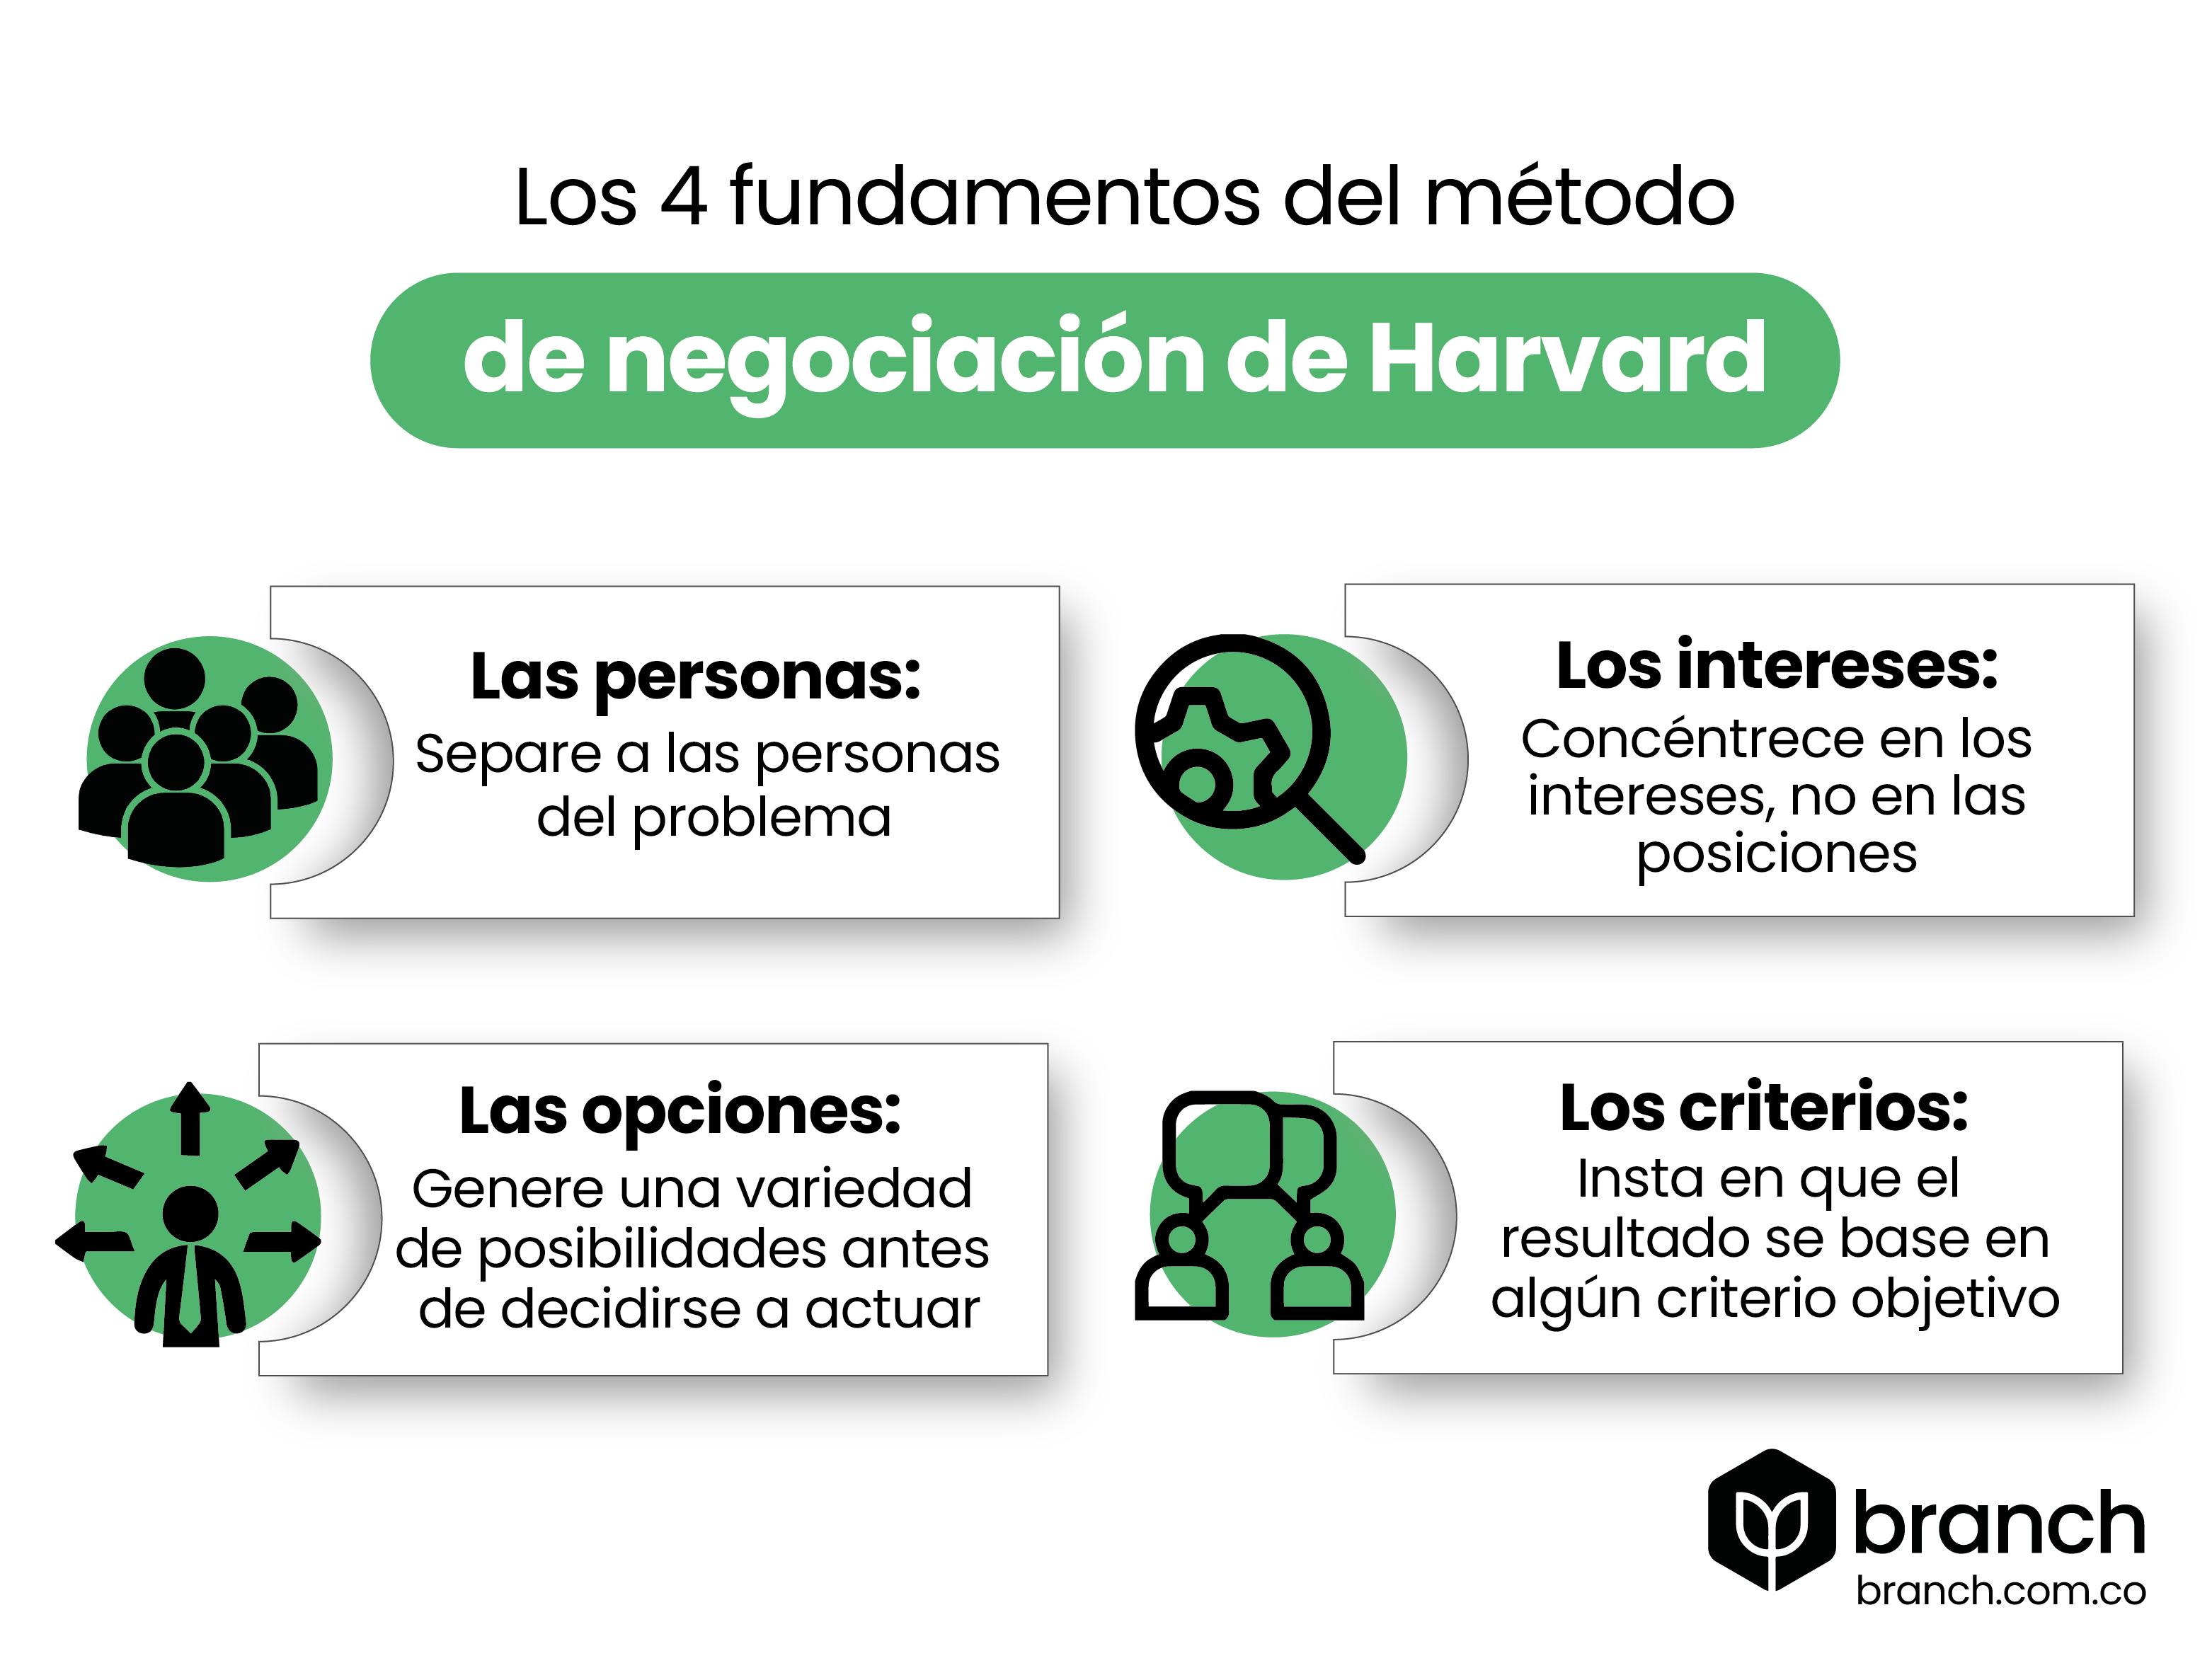 los-principios-de-la-metodologia-de-negociacion-de-harvard